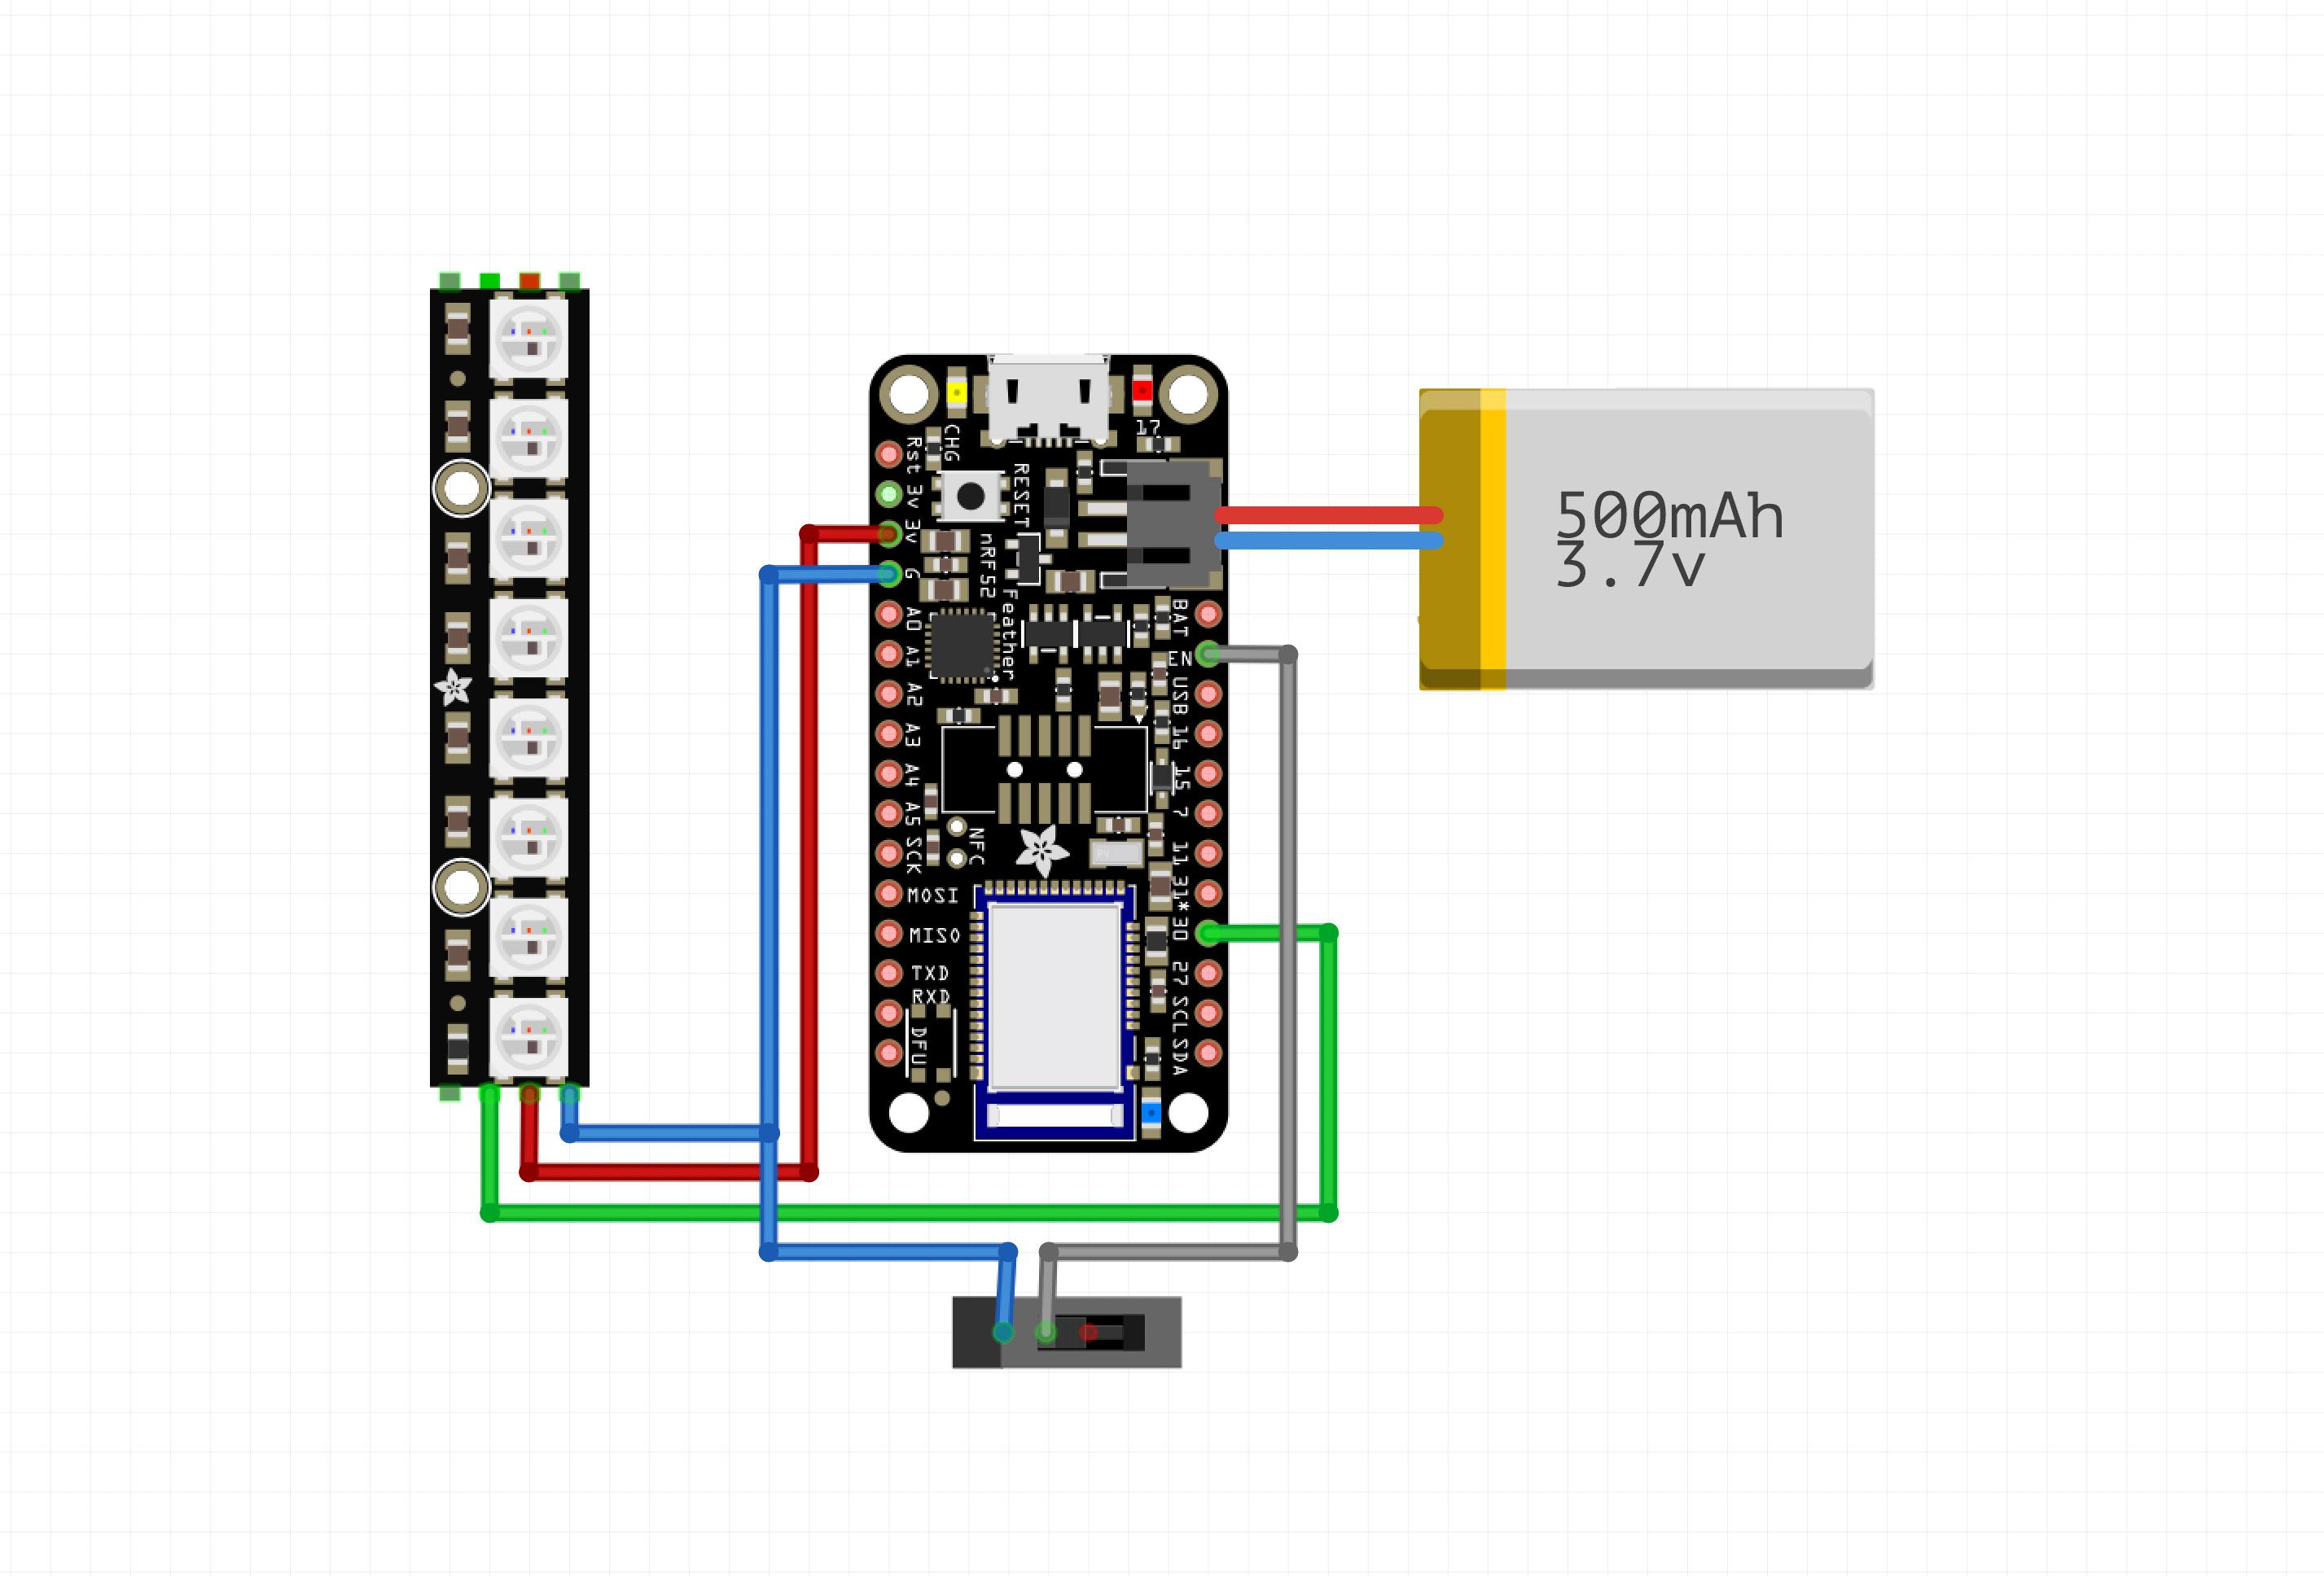 3d_printing_circuit-dagram.jpg